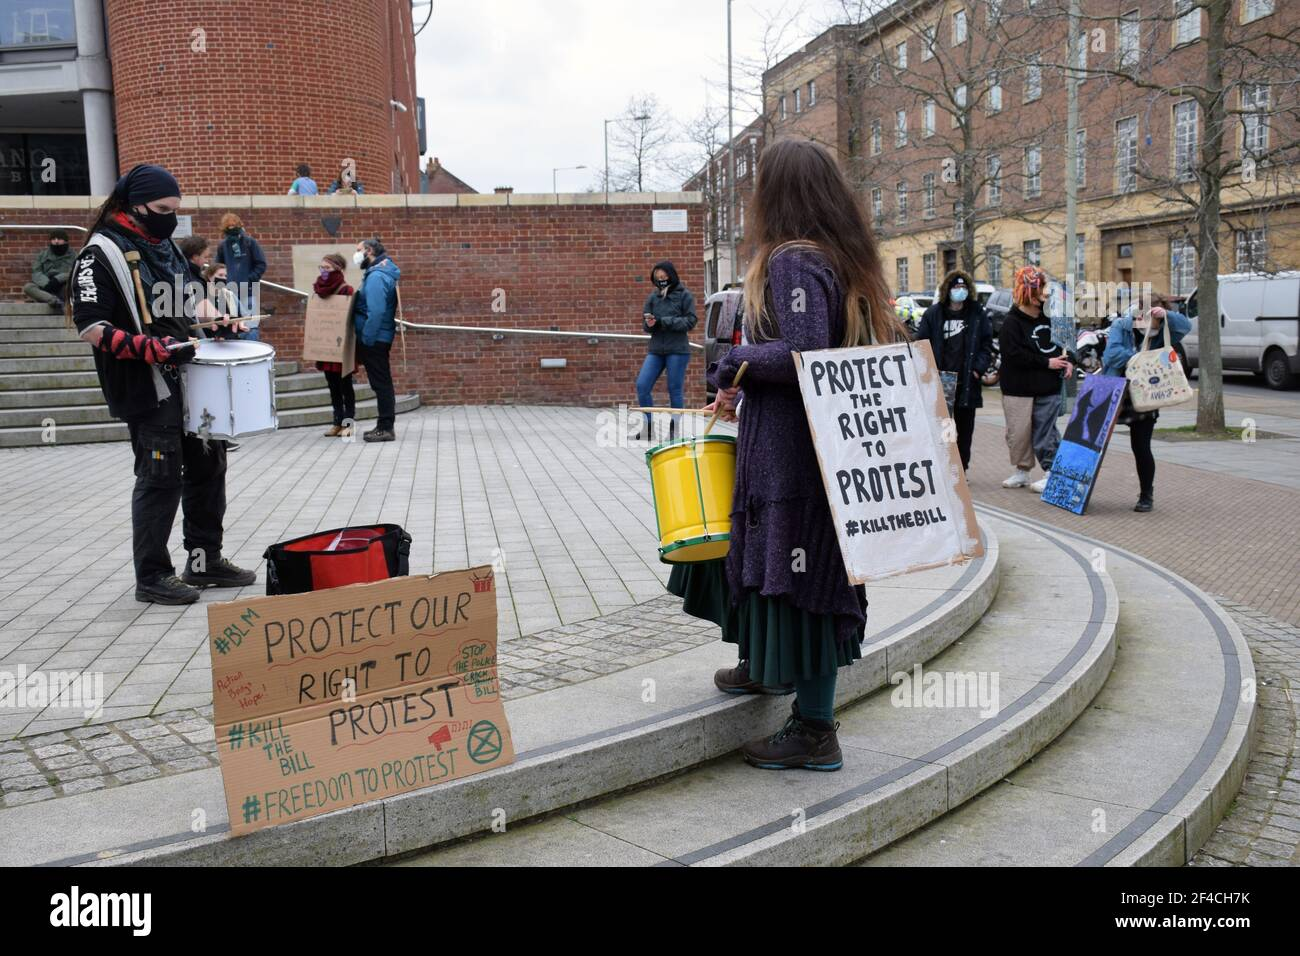 Camine por la Libertad en protesta contra el proyecto de ley de policía, crimen, sentencia y tribunales, que restringirá el derecho democrático a la protesta pacífica. Esto era una C Foto de stock